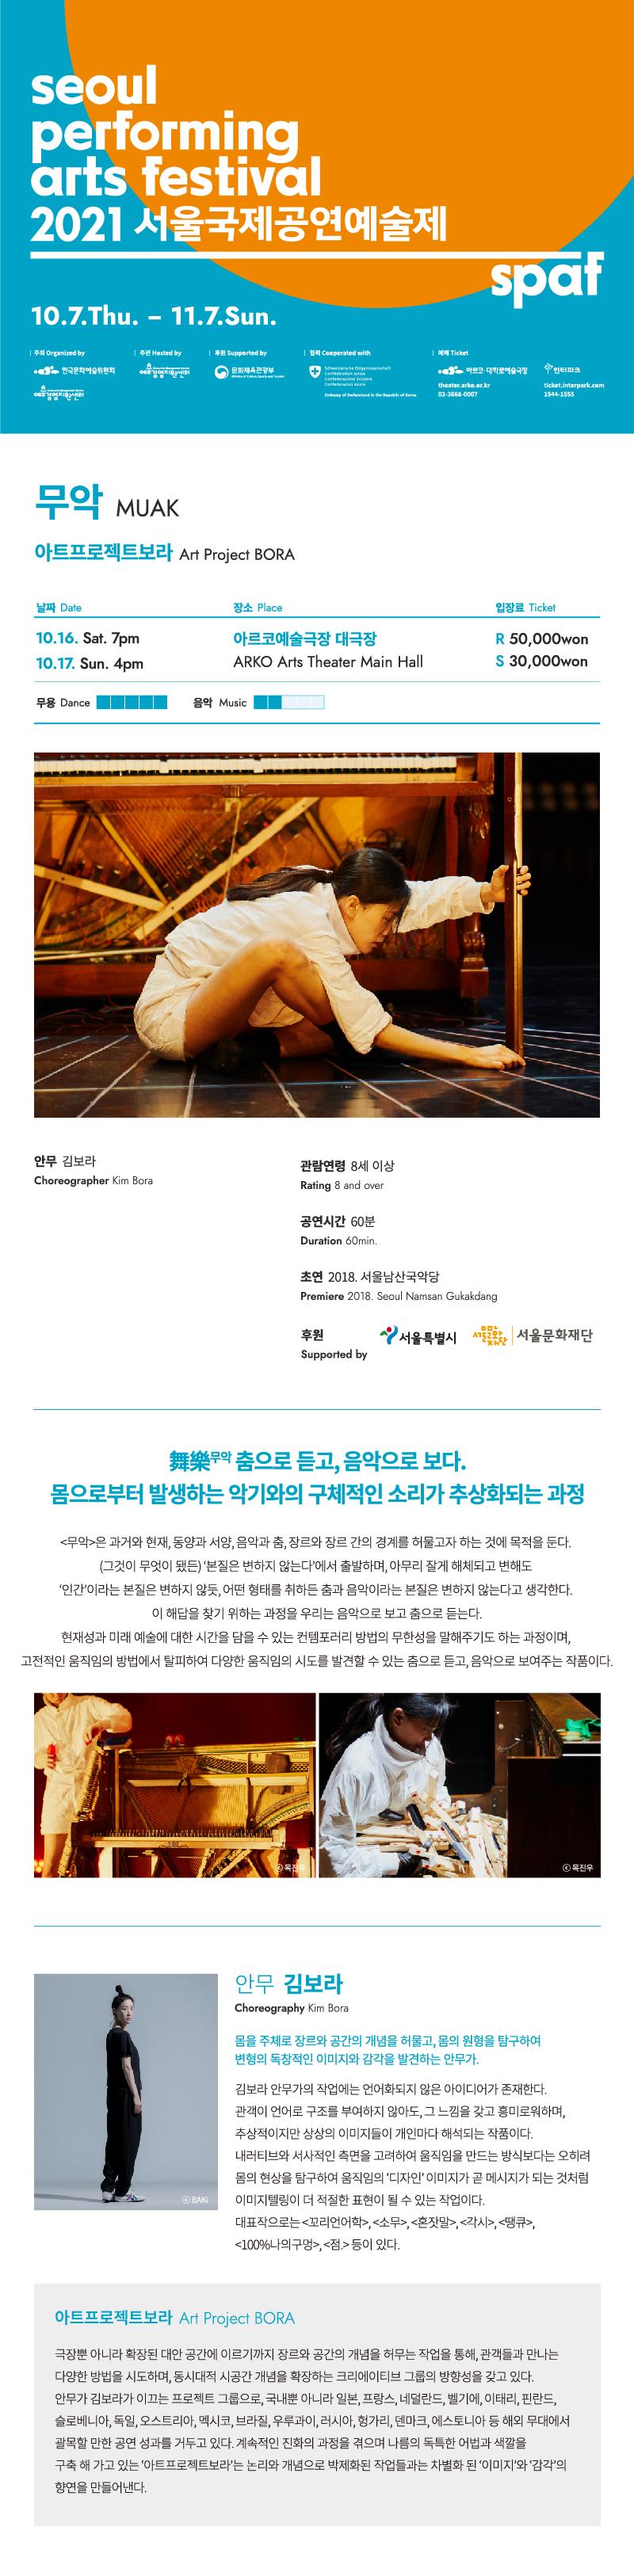 01._공연소개_6.jpg